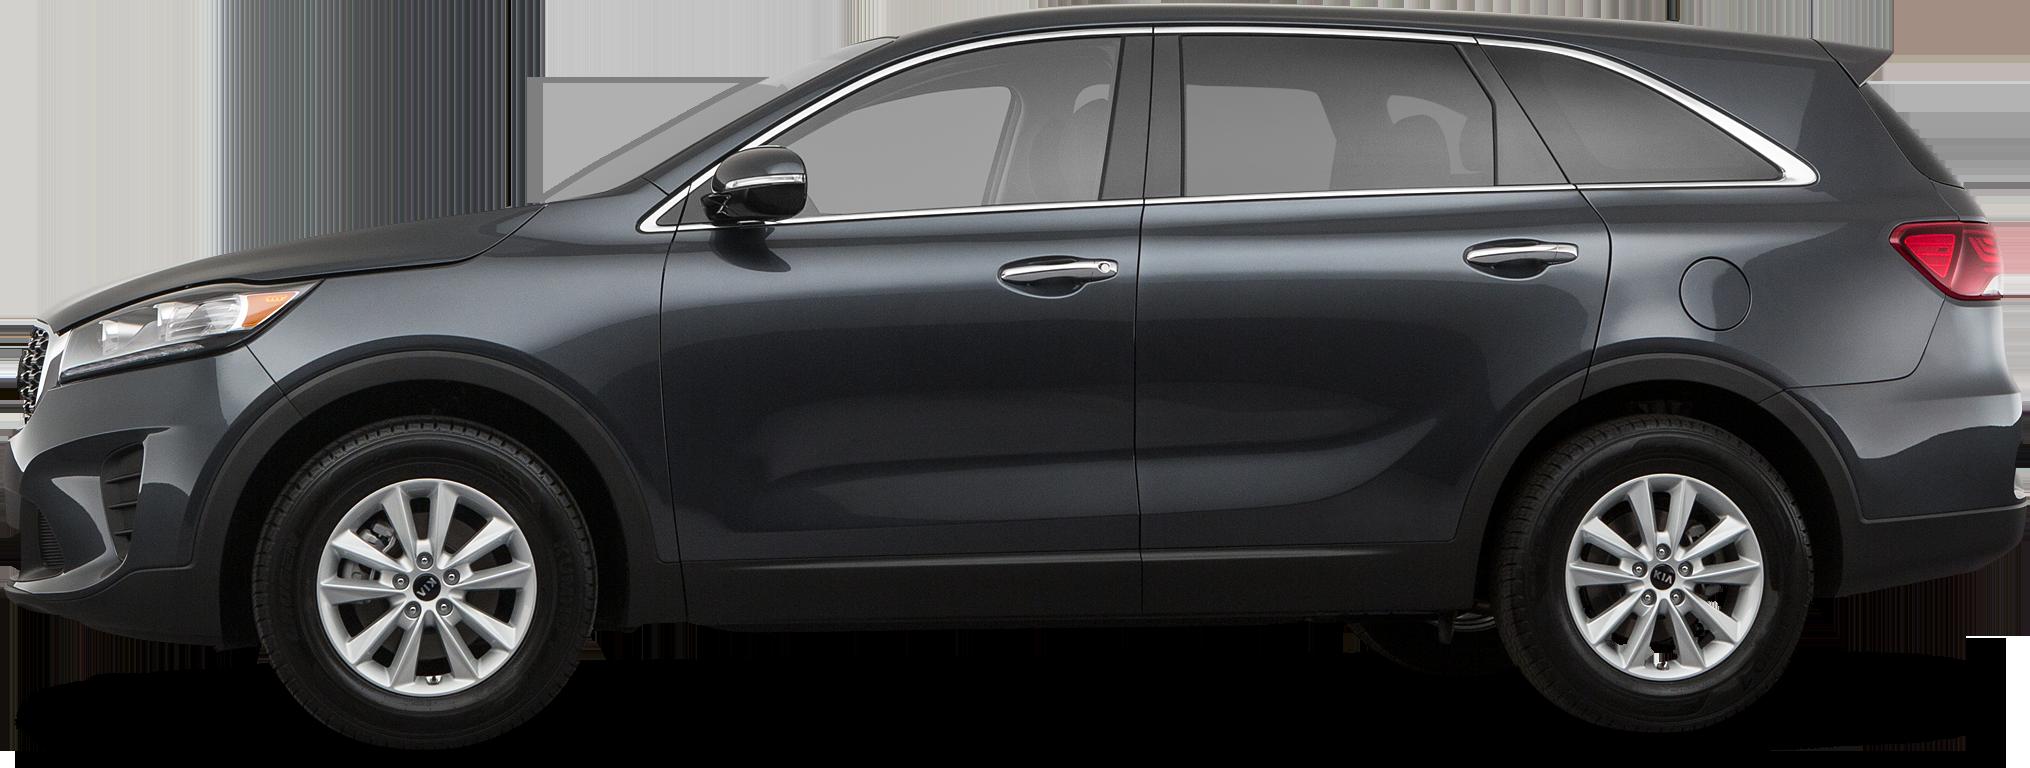 2020 Kia Sorento SUV 2.4L LX